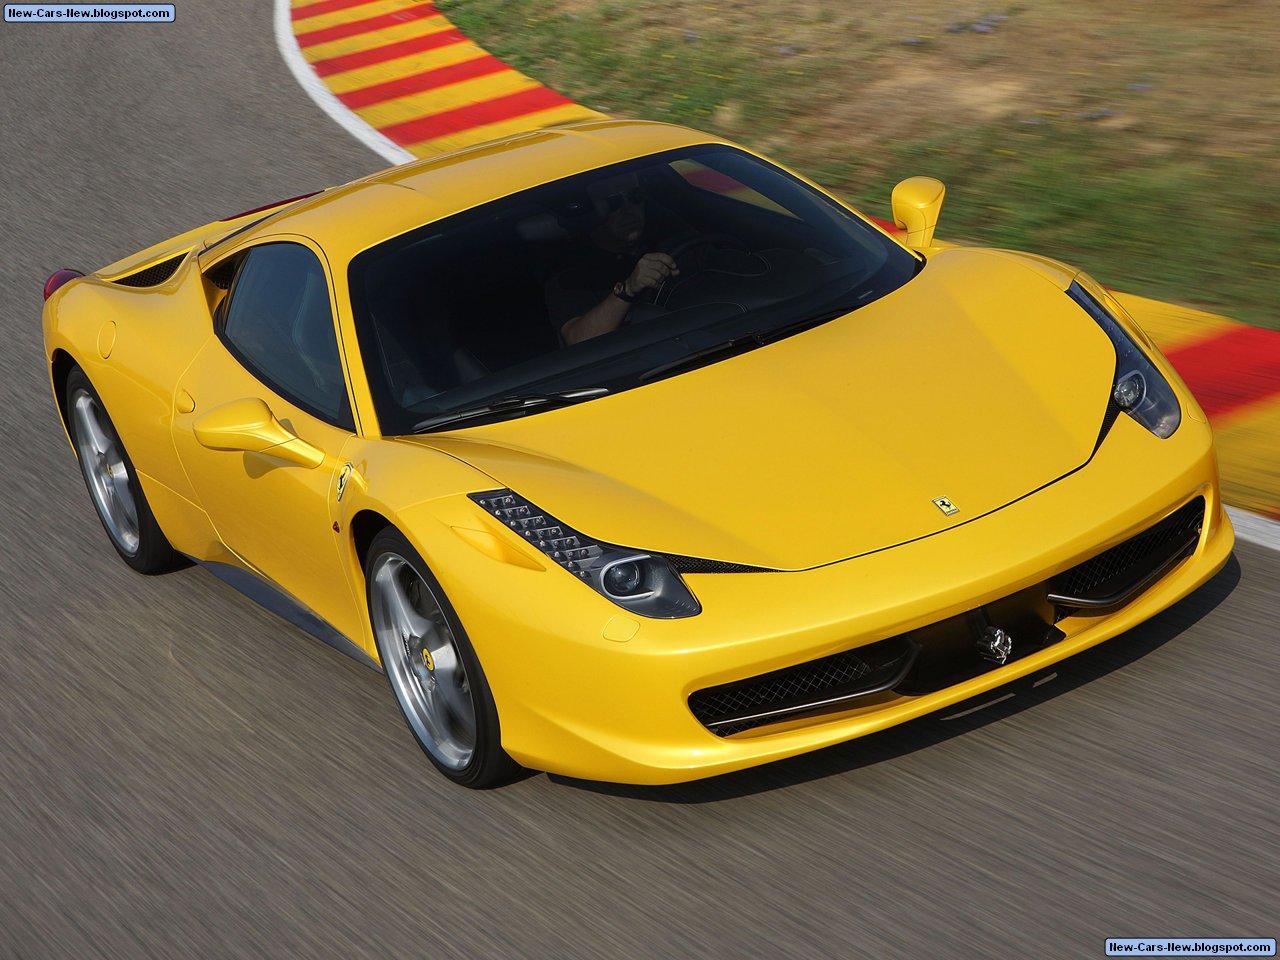 http://4.bp.blogspot.com/_U4w592tUDHM/TCCNsv8PboI/AAAAAAAACmg/Sat2Oko1kQQ/s1600/Ferrari-458_Italia_2011_1280x960_wallpaper_12.jpg